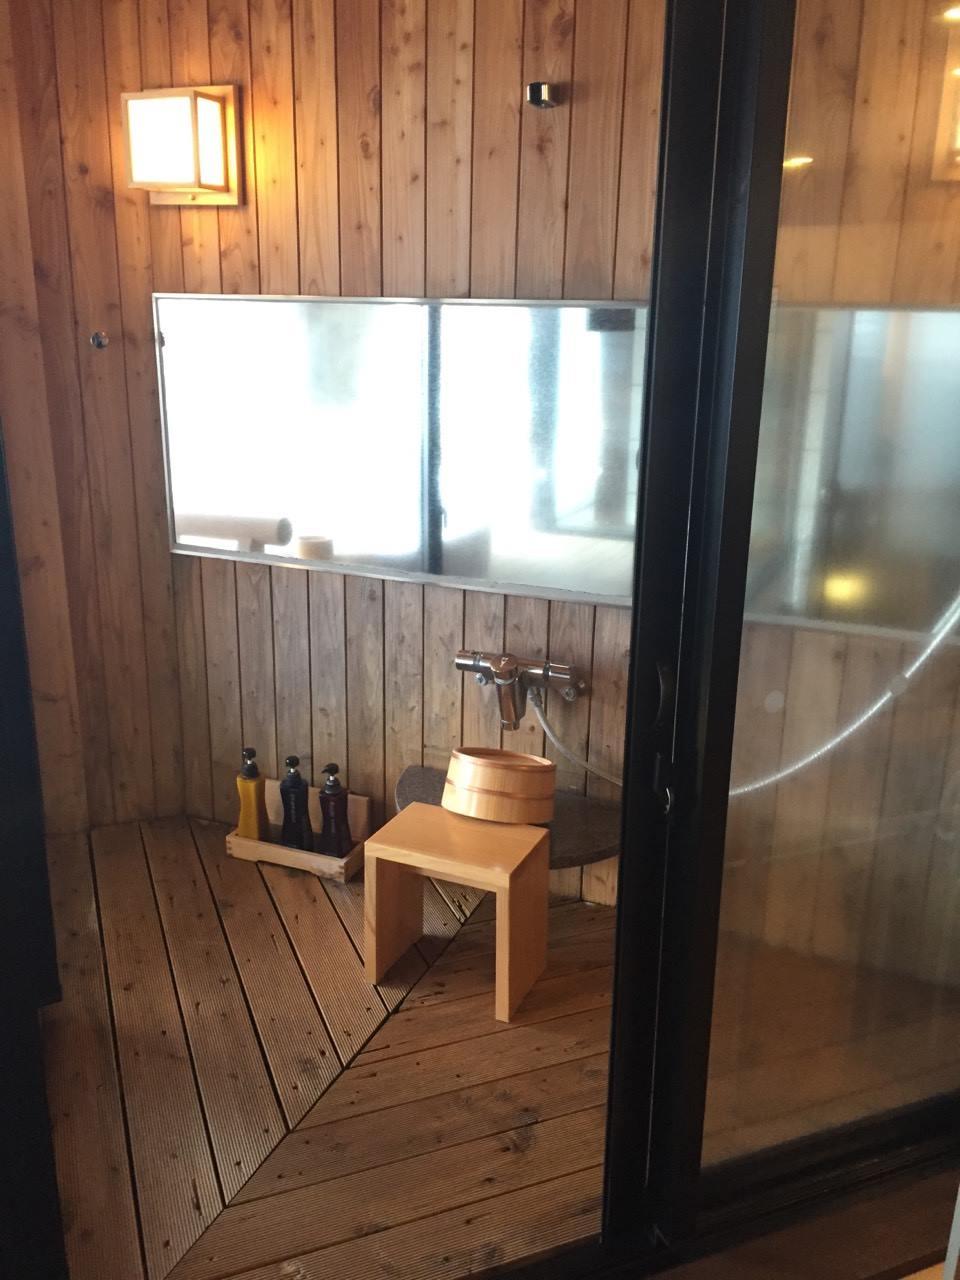 阿寒鶴雅別莊鄙之座浴室